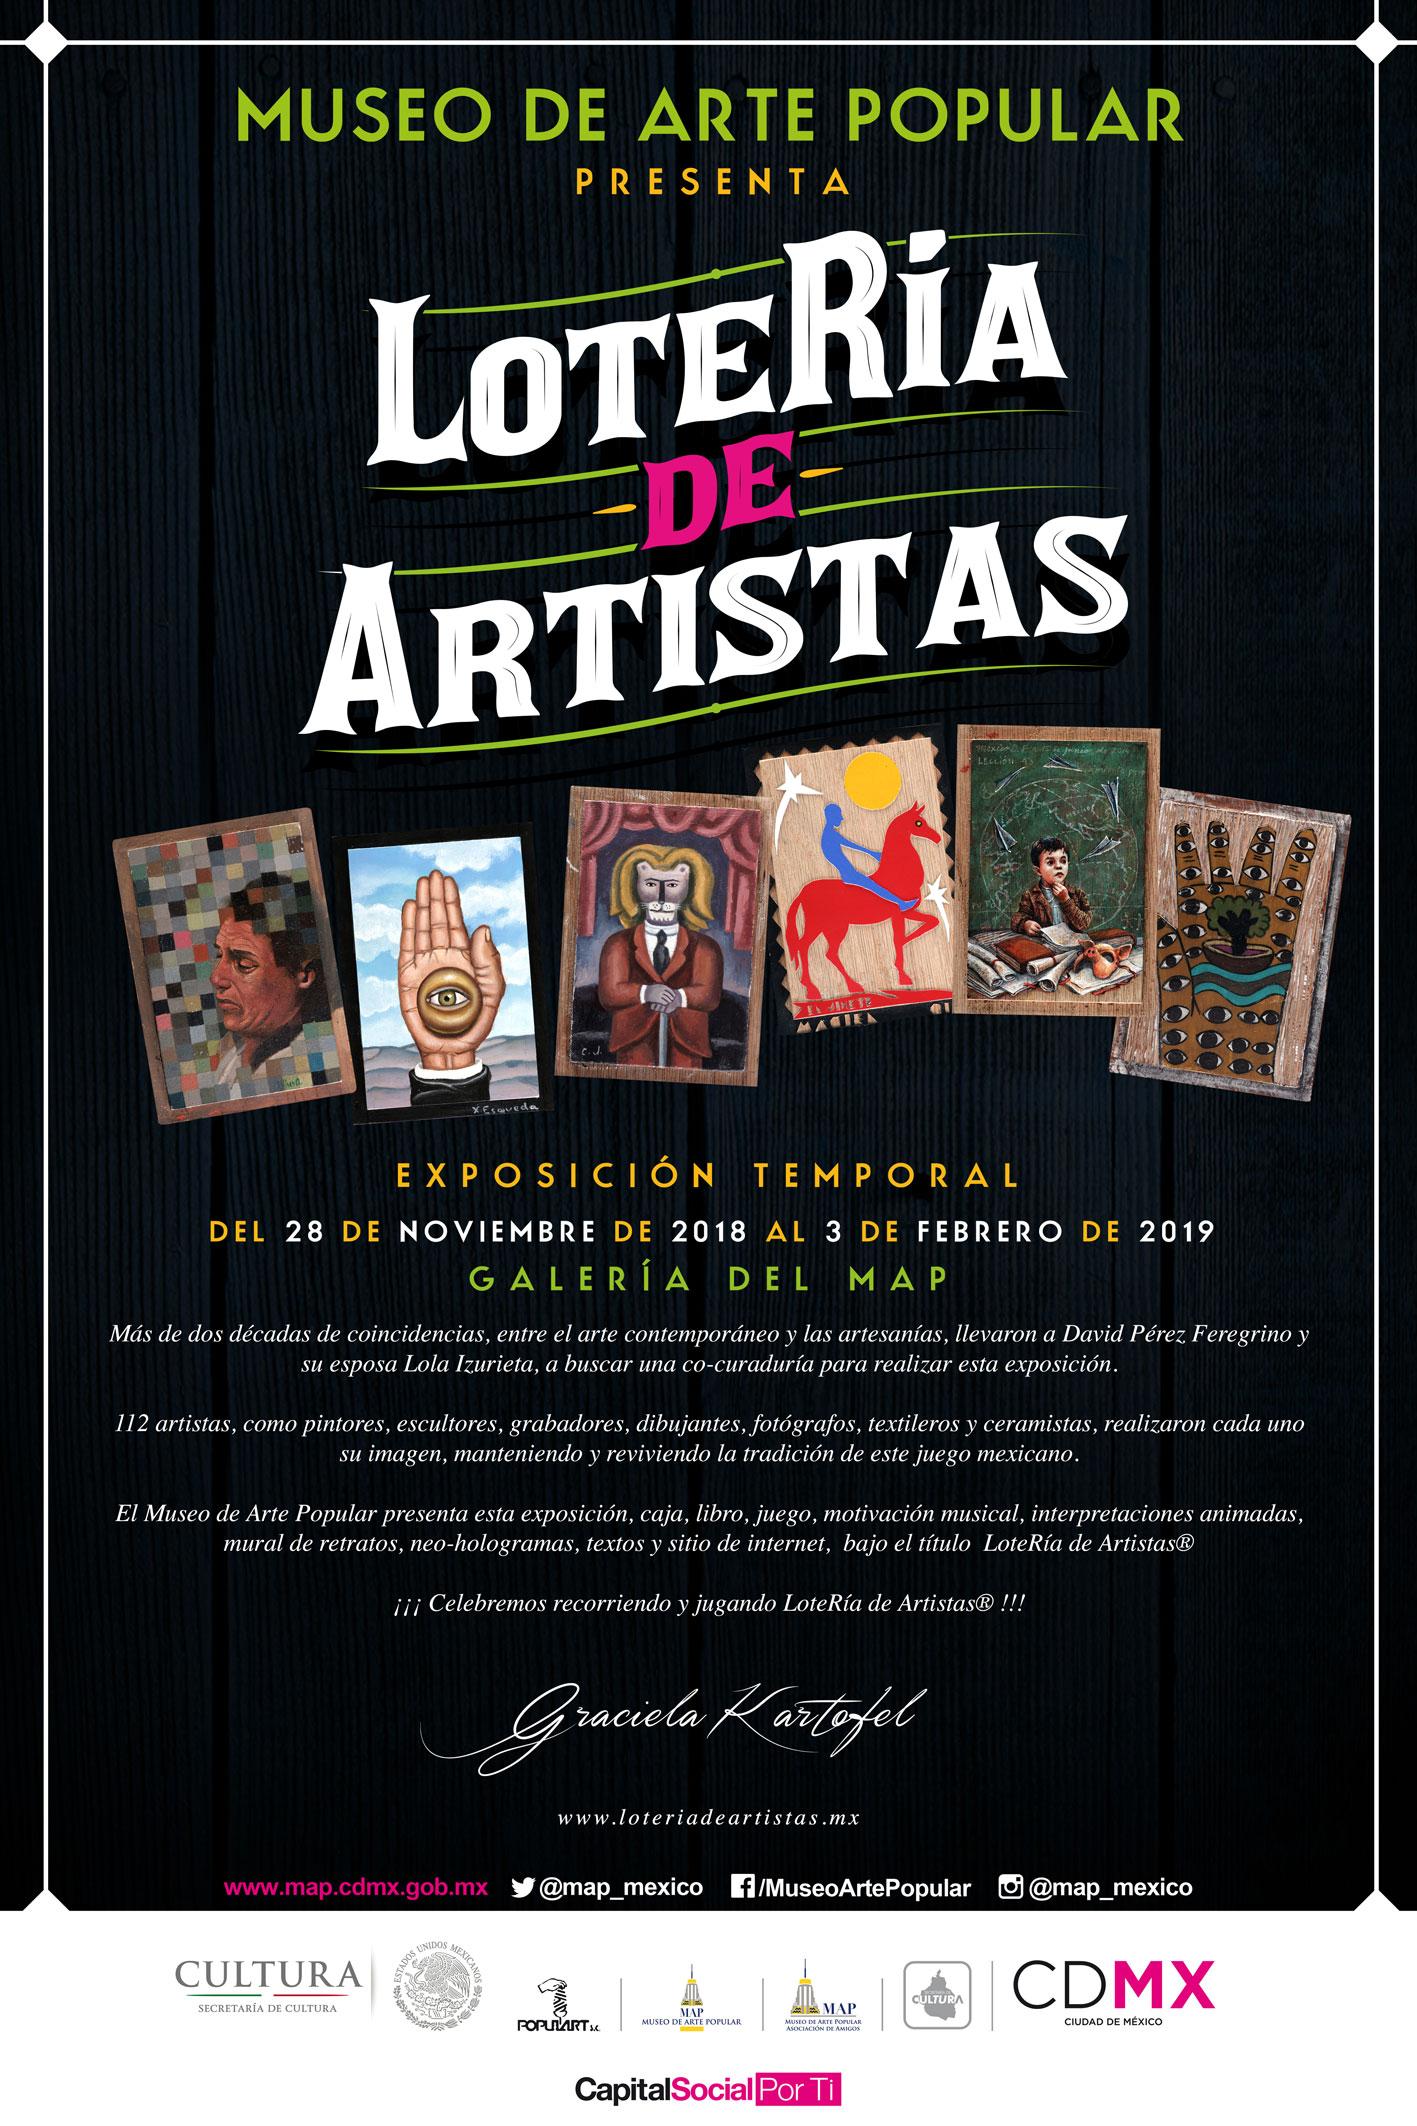 loteria_artistas2_web.jpg